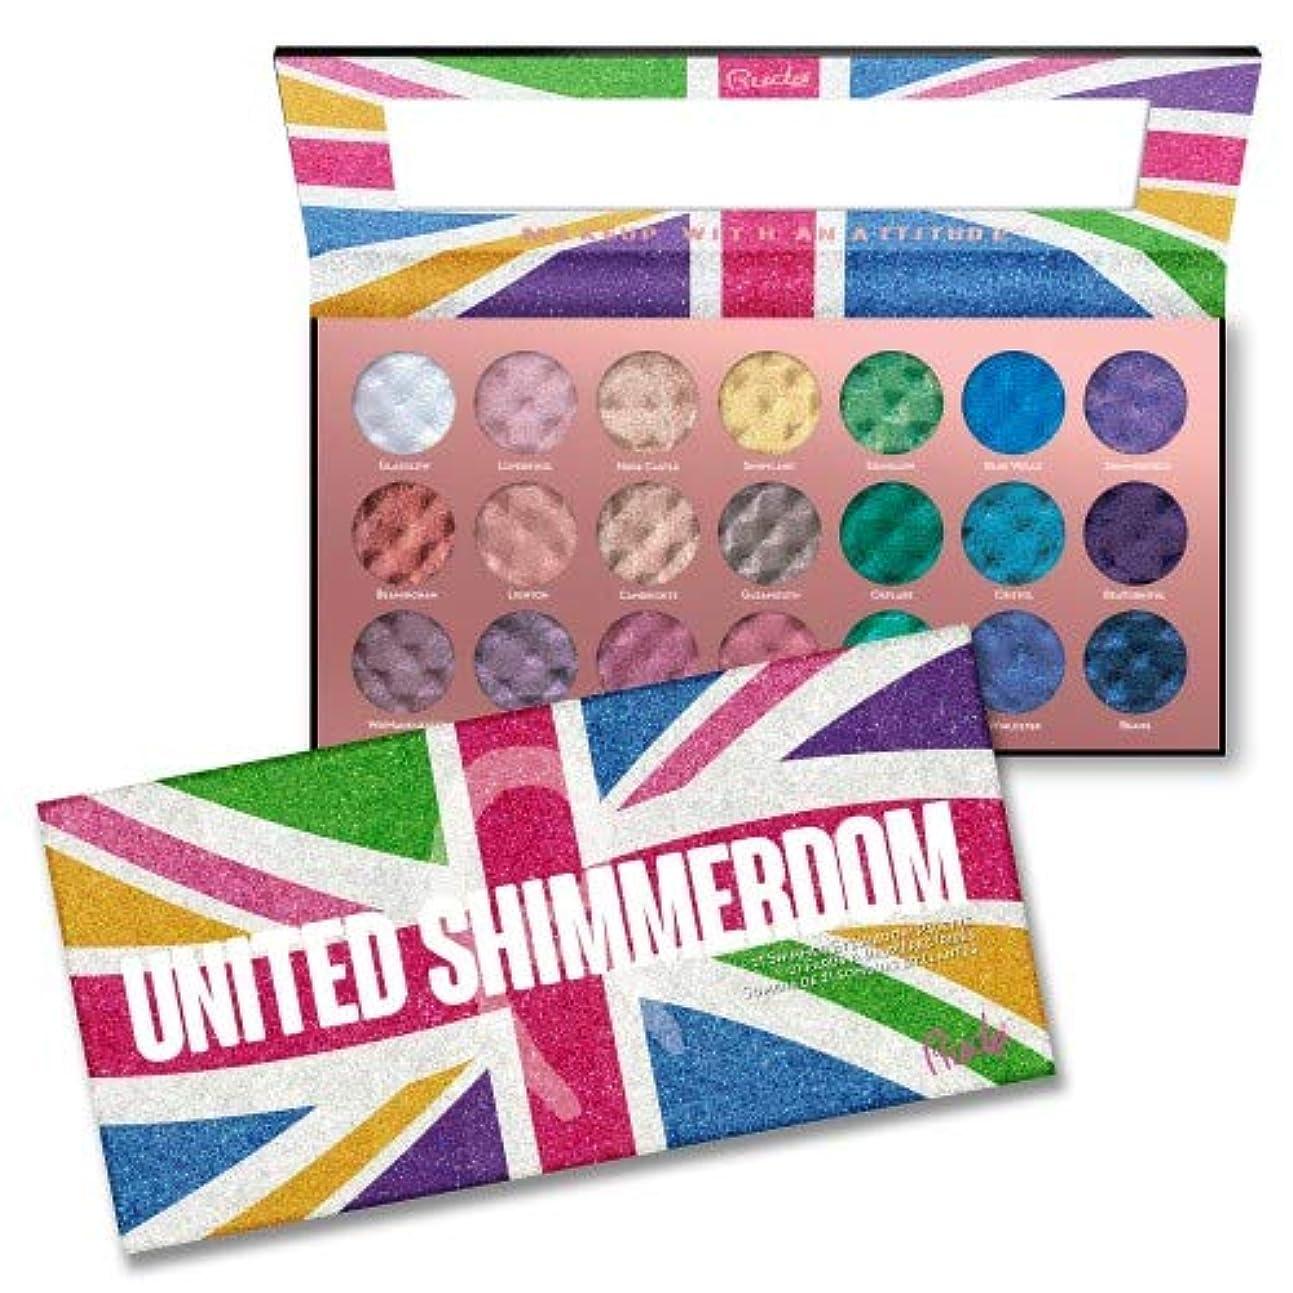 一掃するとにかく反対する(3 Pack) RUDE United Shimmerdom - 21 Shimmer Eyeshadow Palette (並行輸入品)